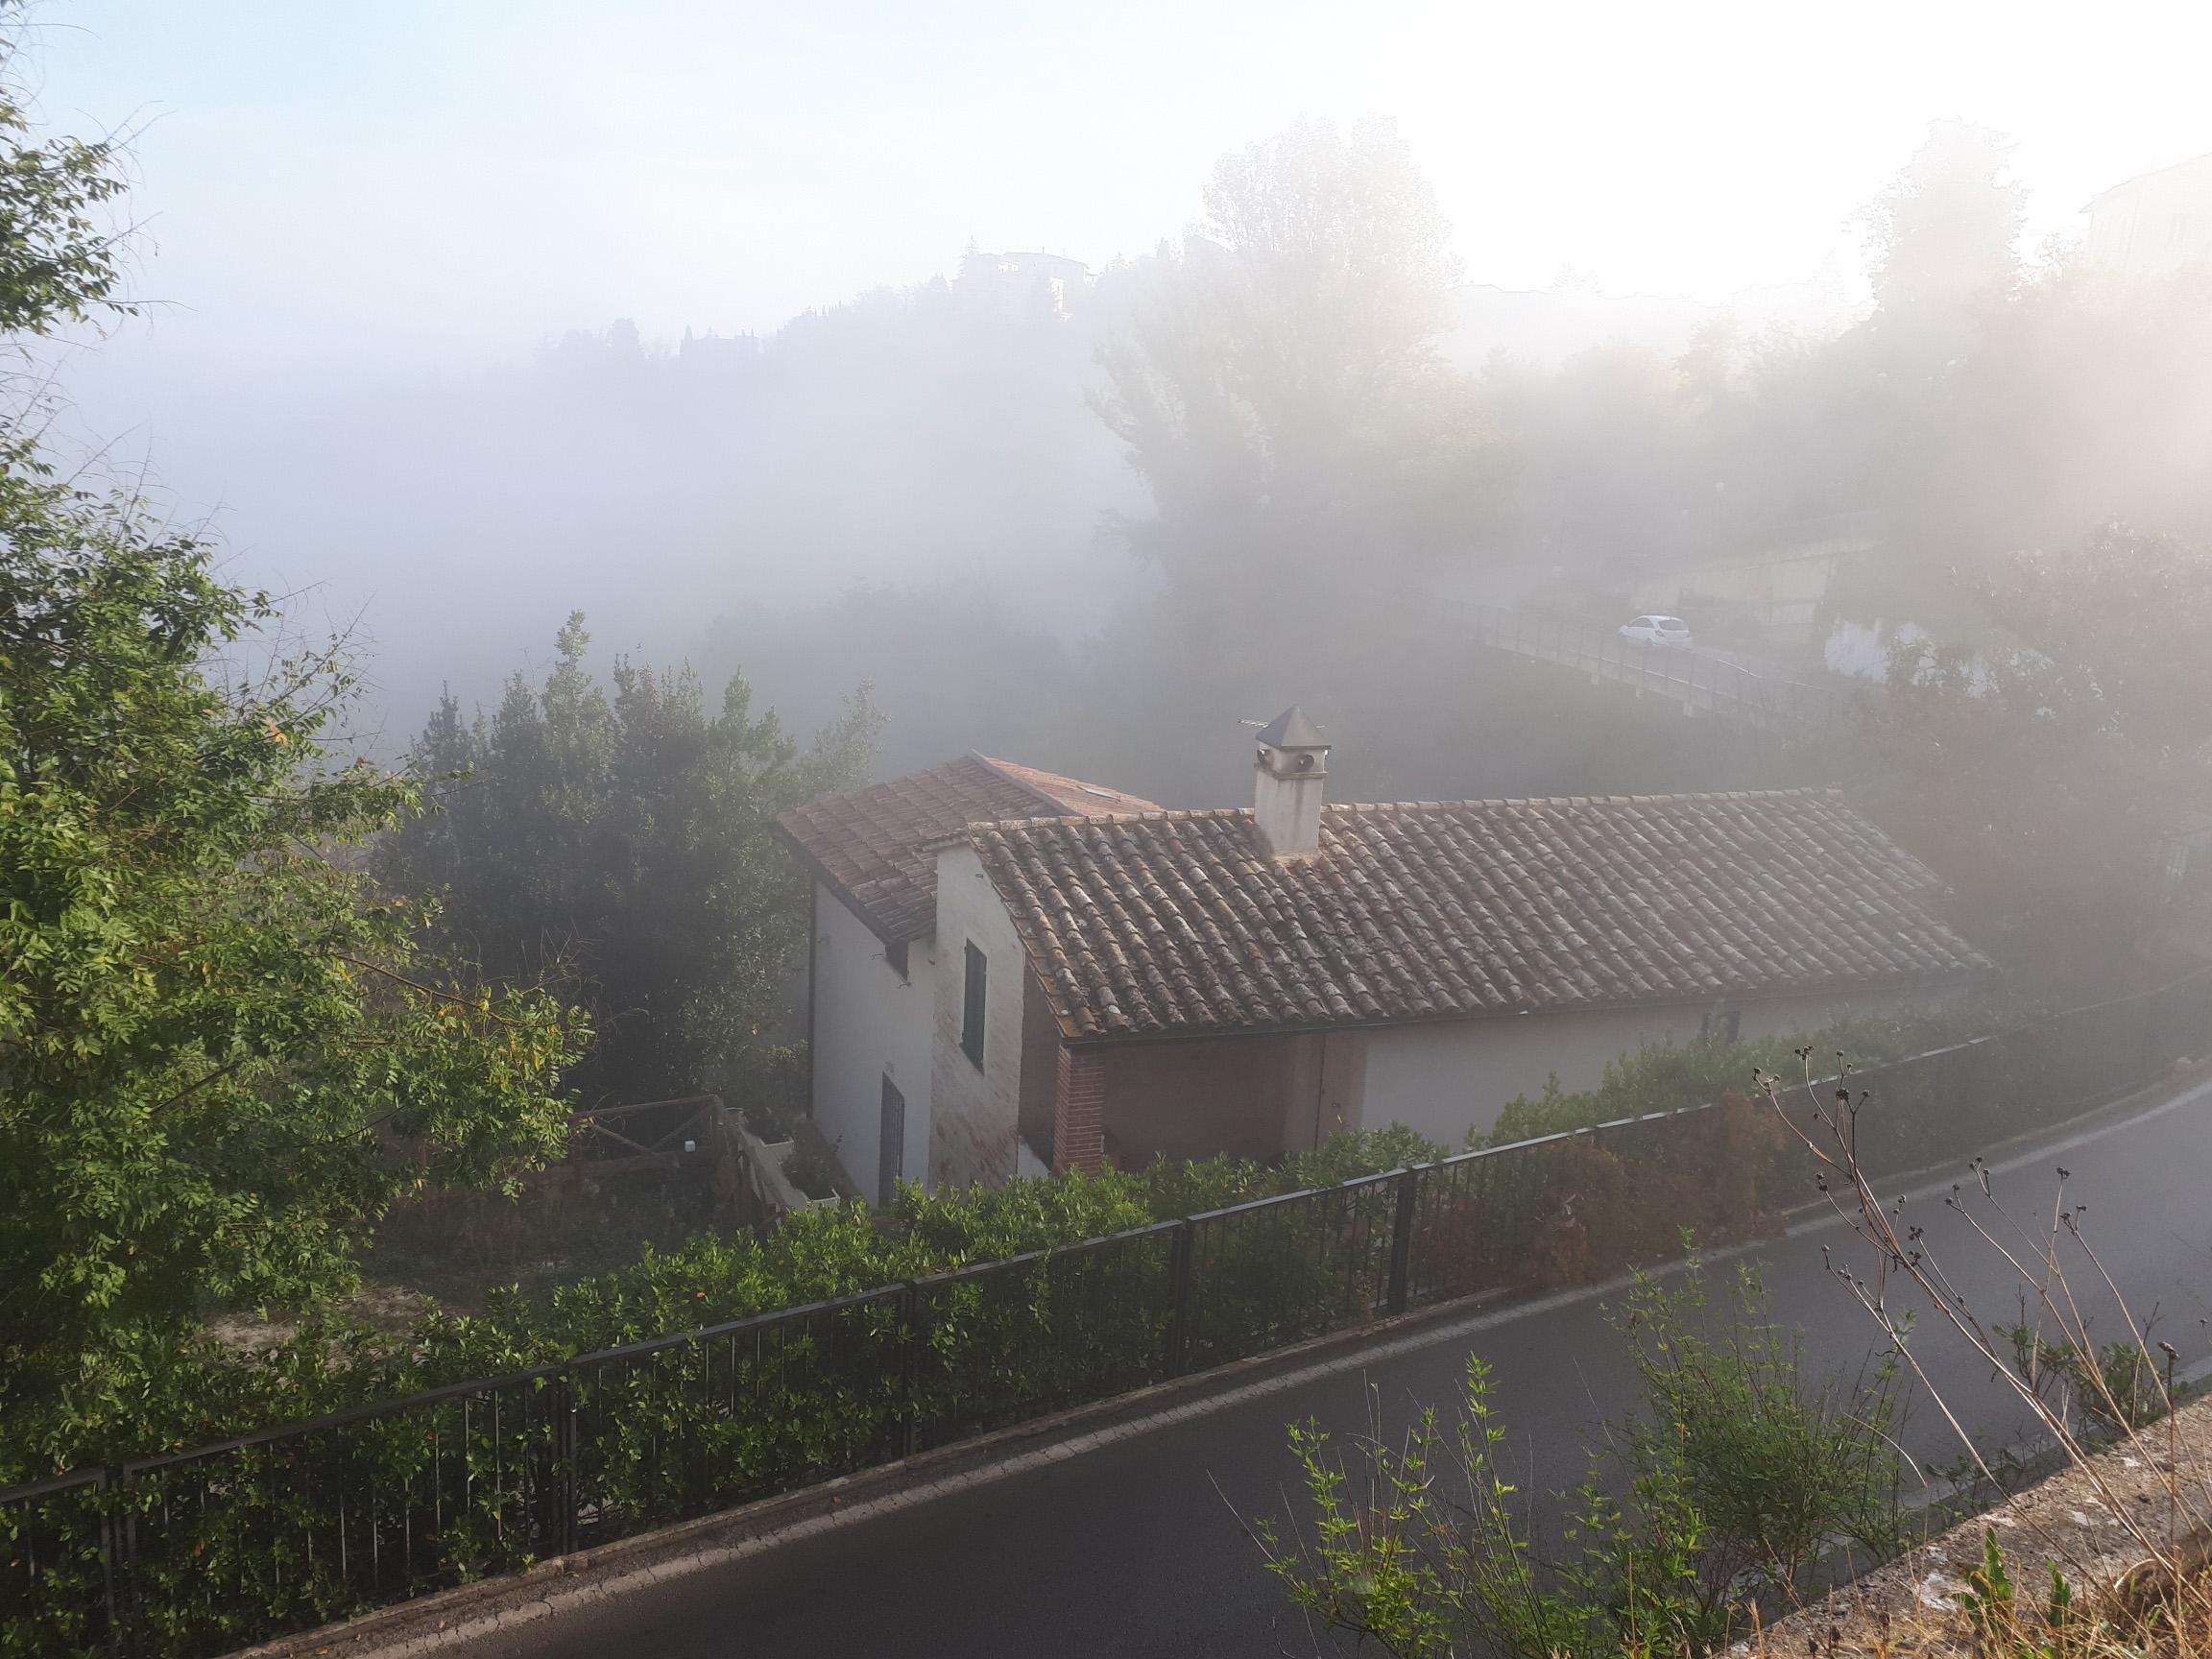 Omicidio Meredith Kercher: la villetta del delitto di Perugia diventa un B&B